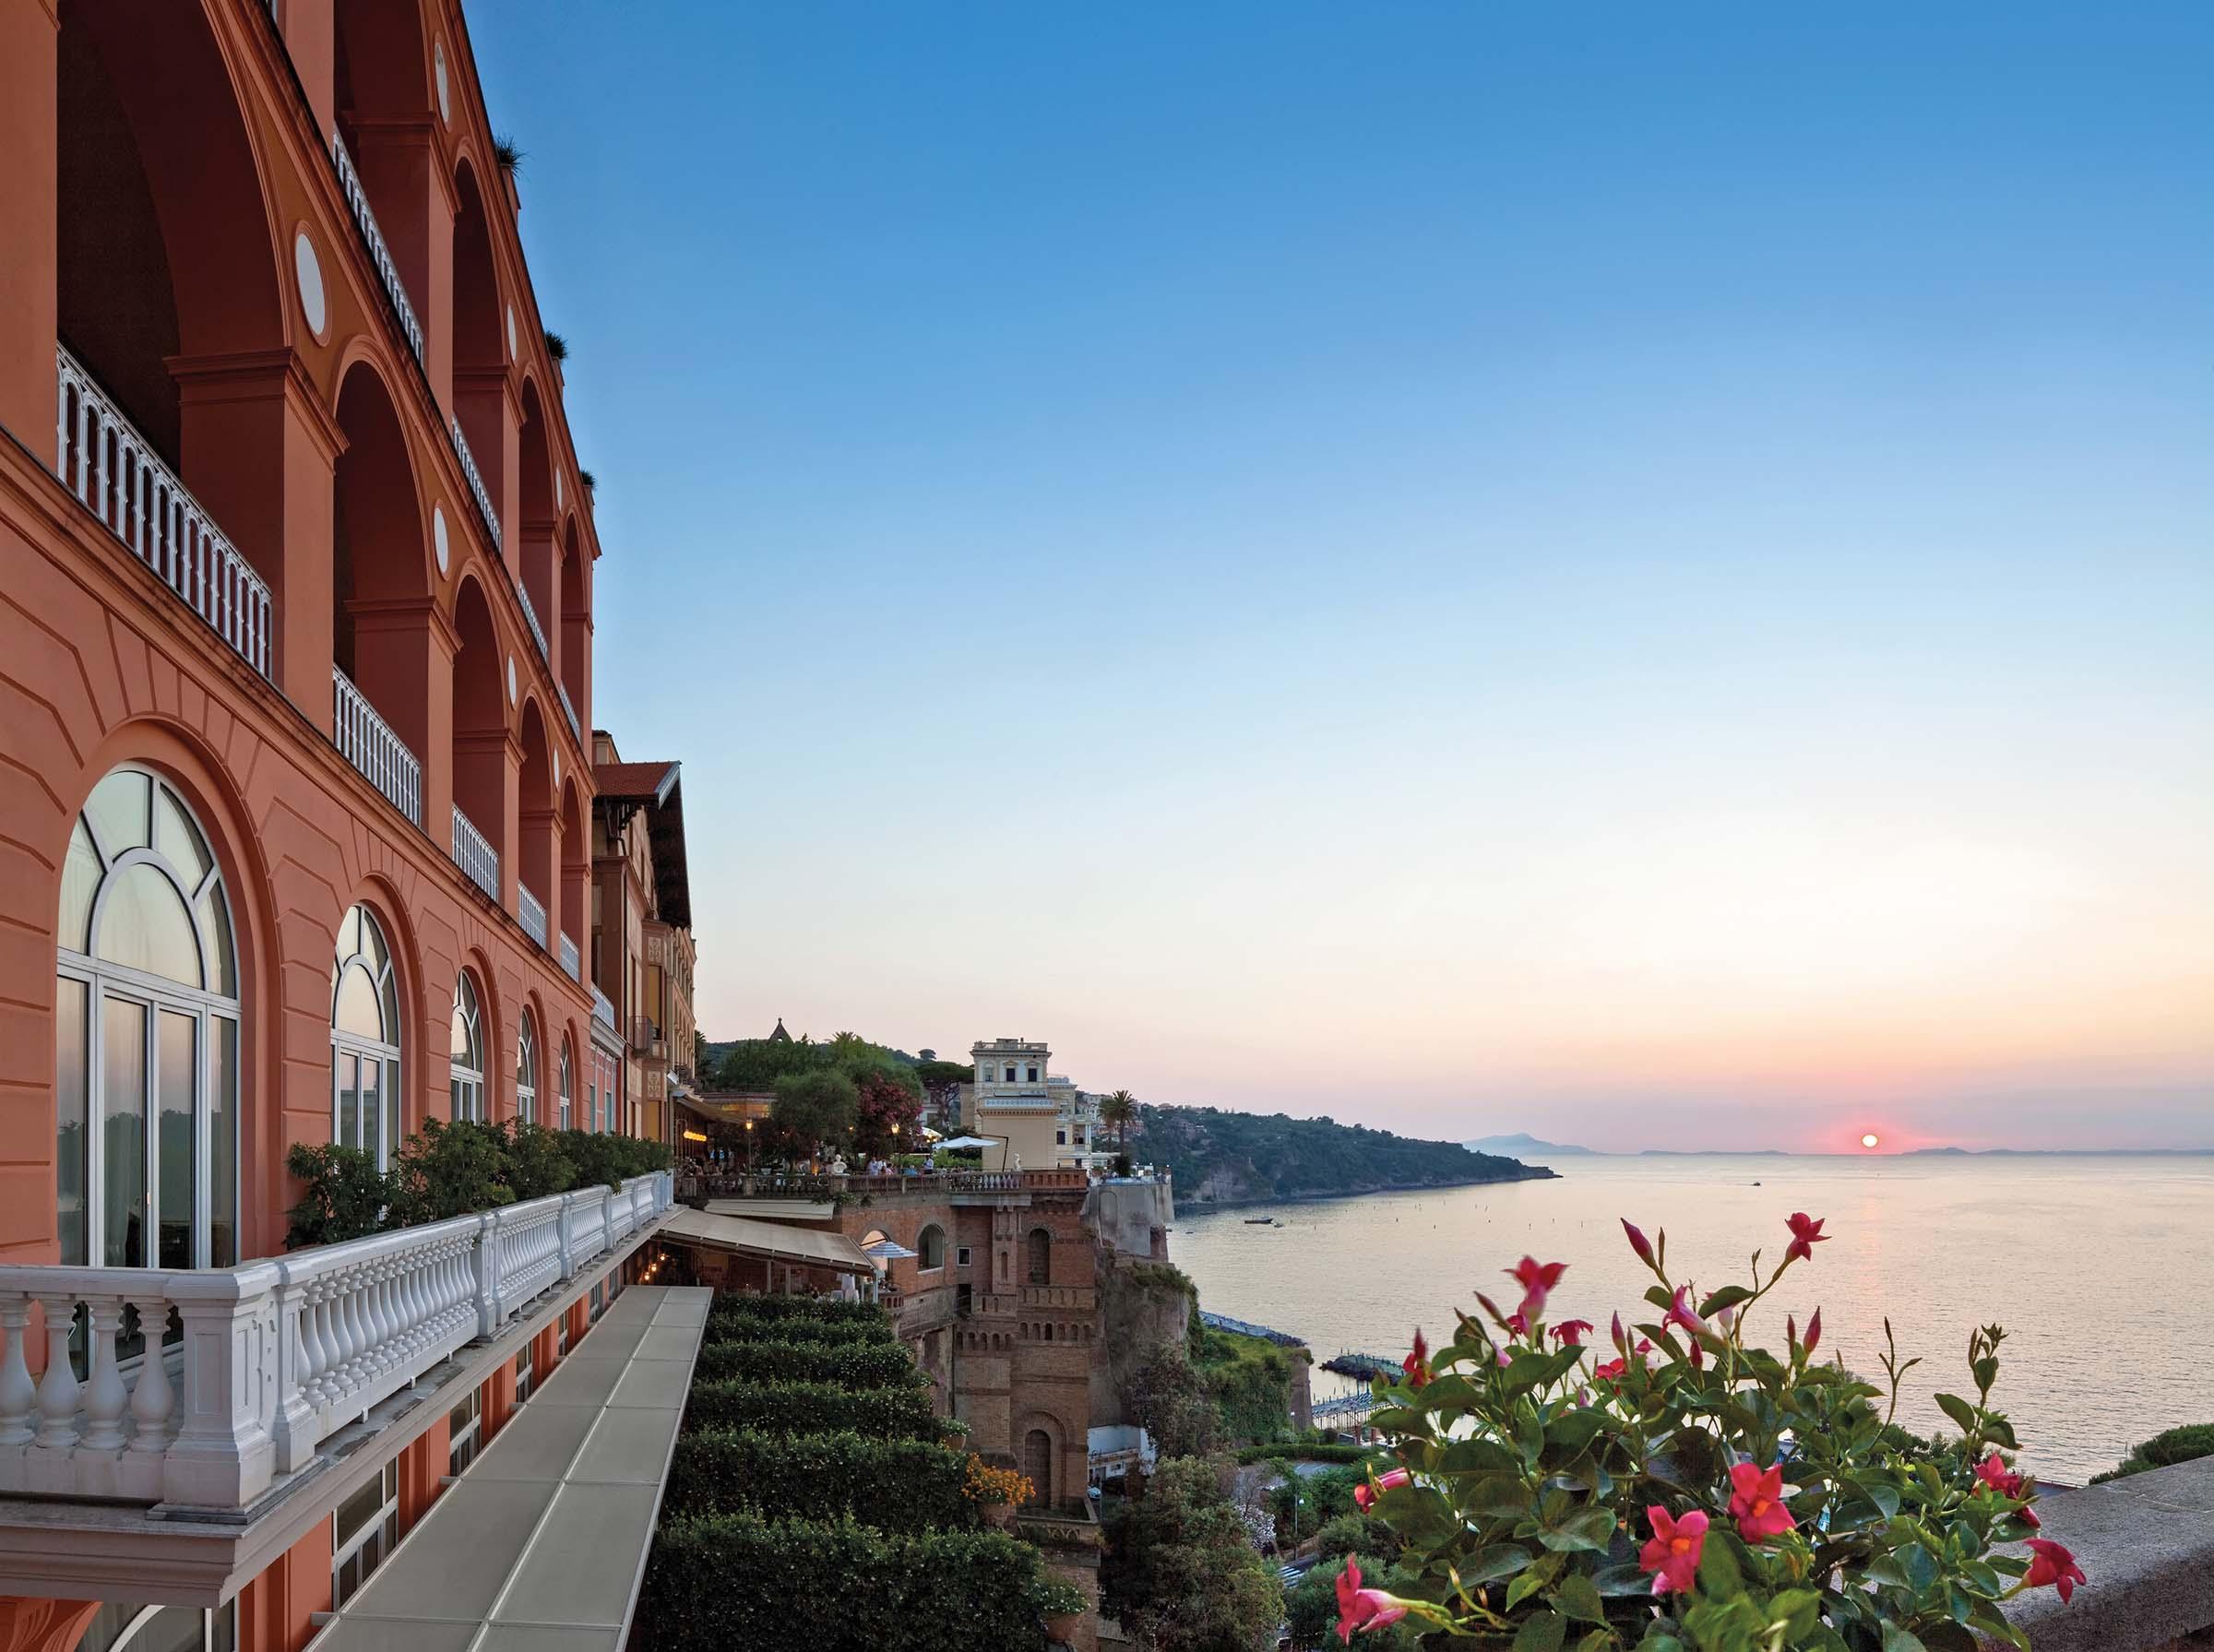 Über den Klippen von Sorrent am Golf von Neapel liegt das Grand Hotel Excelsior Vittoria